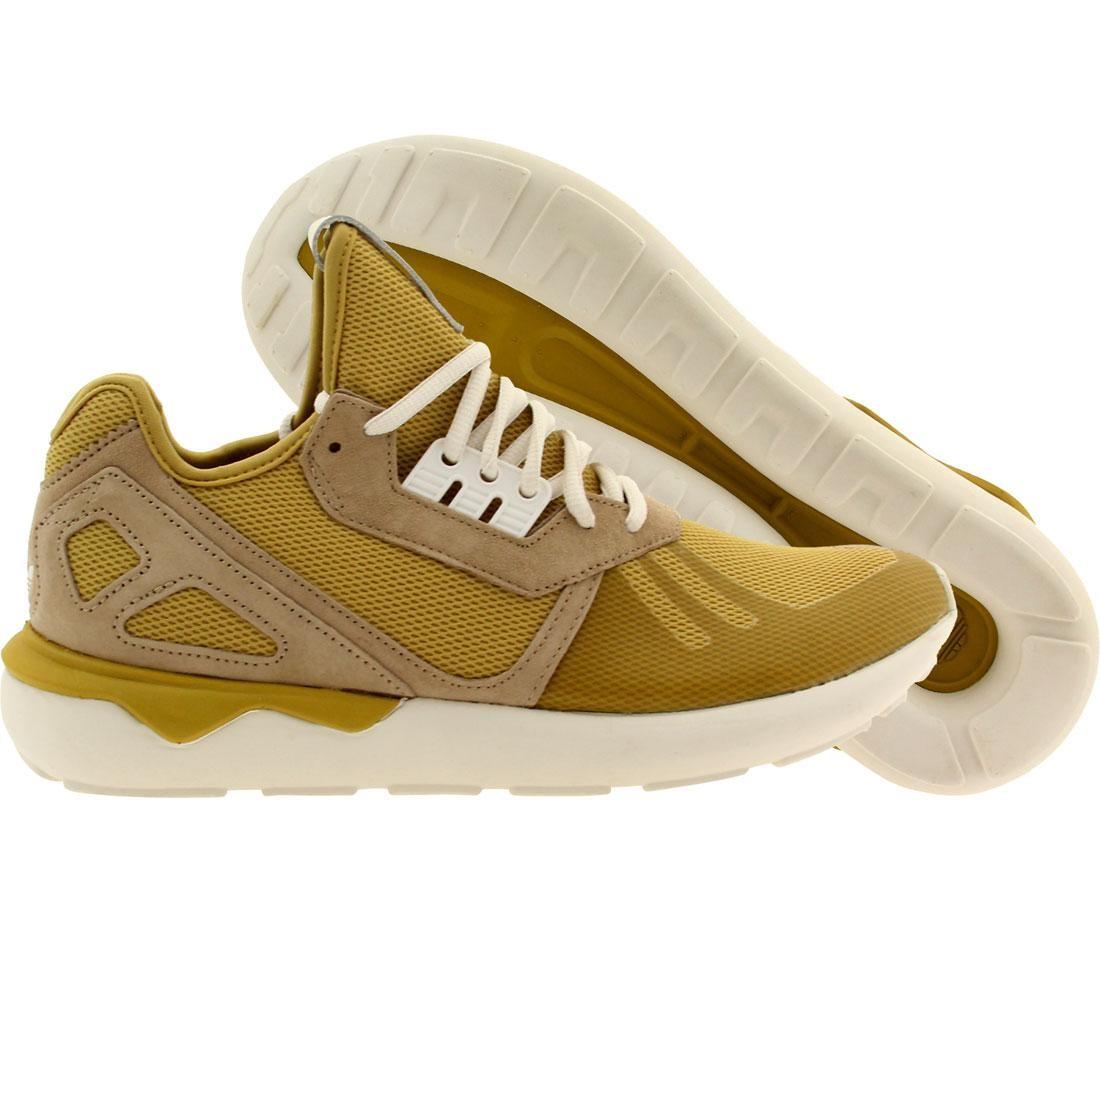 【海外限定】アディダス 靴 メンズ靴 【 ADIDAS MEN TUBULAR RUNNER YELLOW SPIYEL HEMP WHITE 】